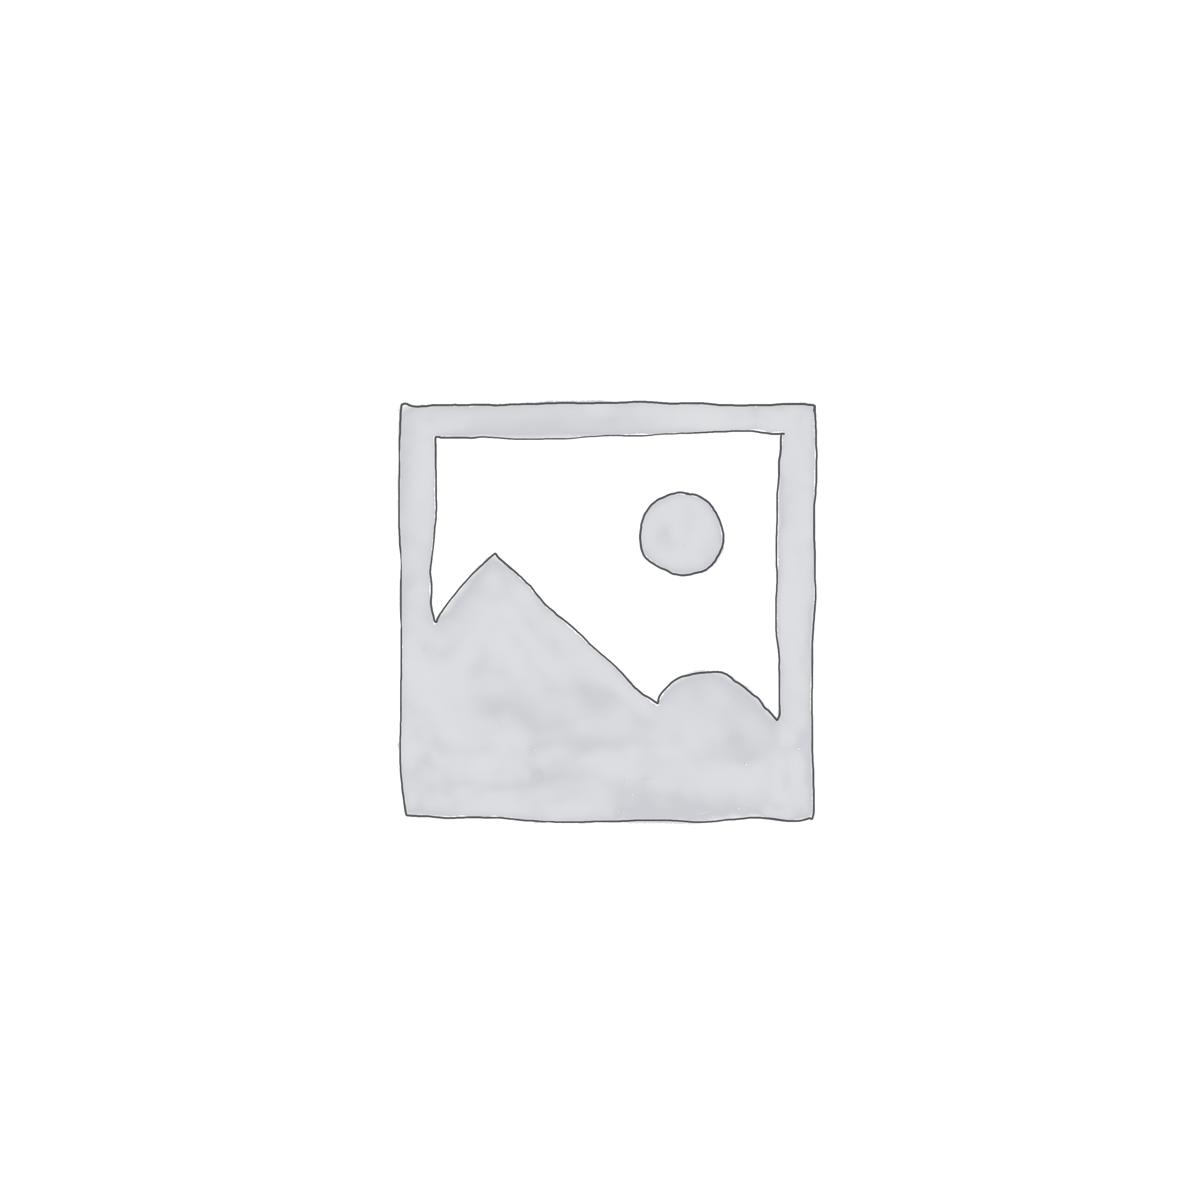 Audio File Downloads